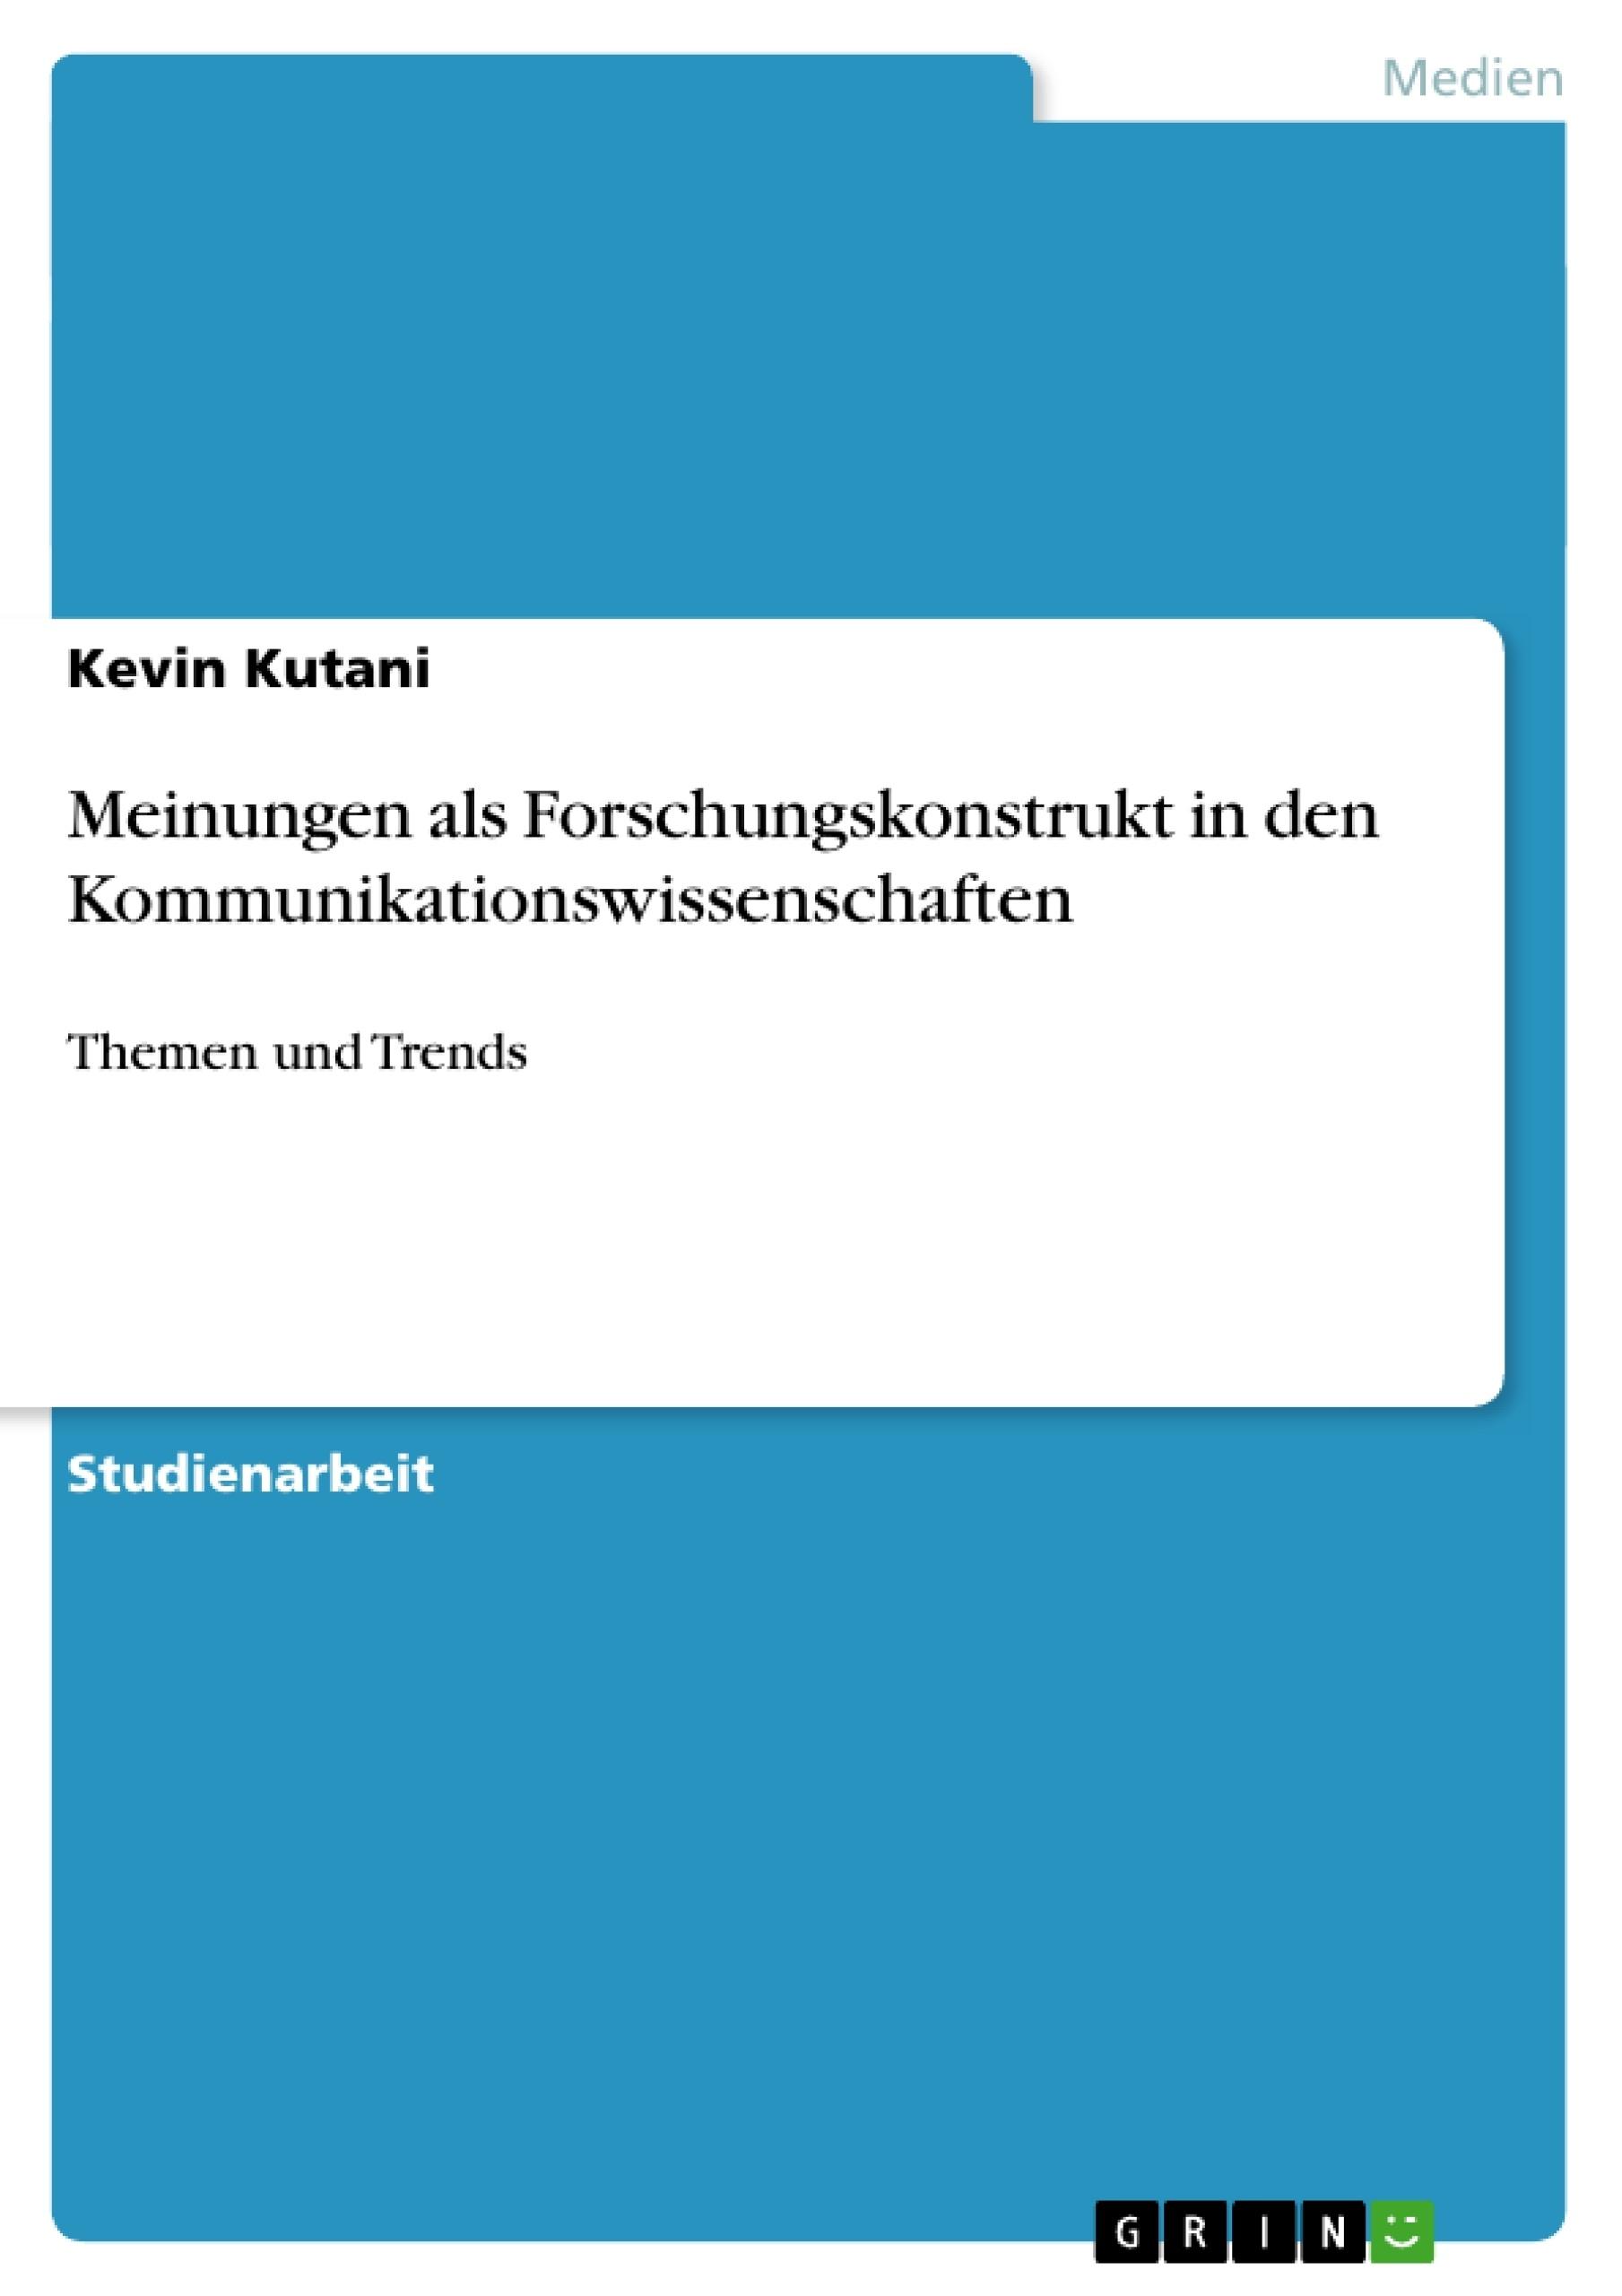 Titel: Meinungen als Forschungskonstrukt in den Kommunikationswissenschaften